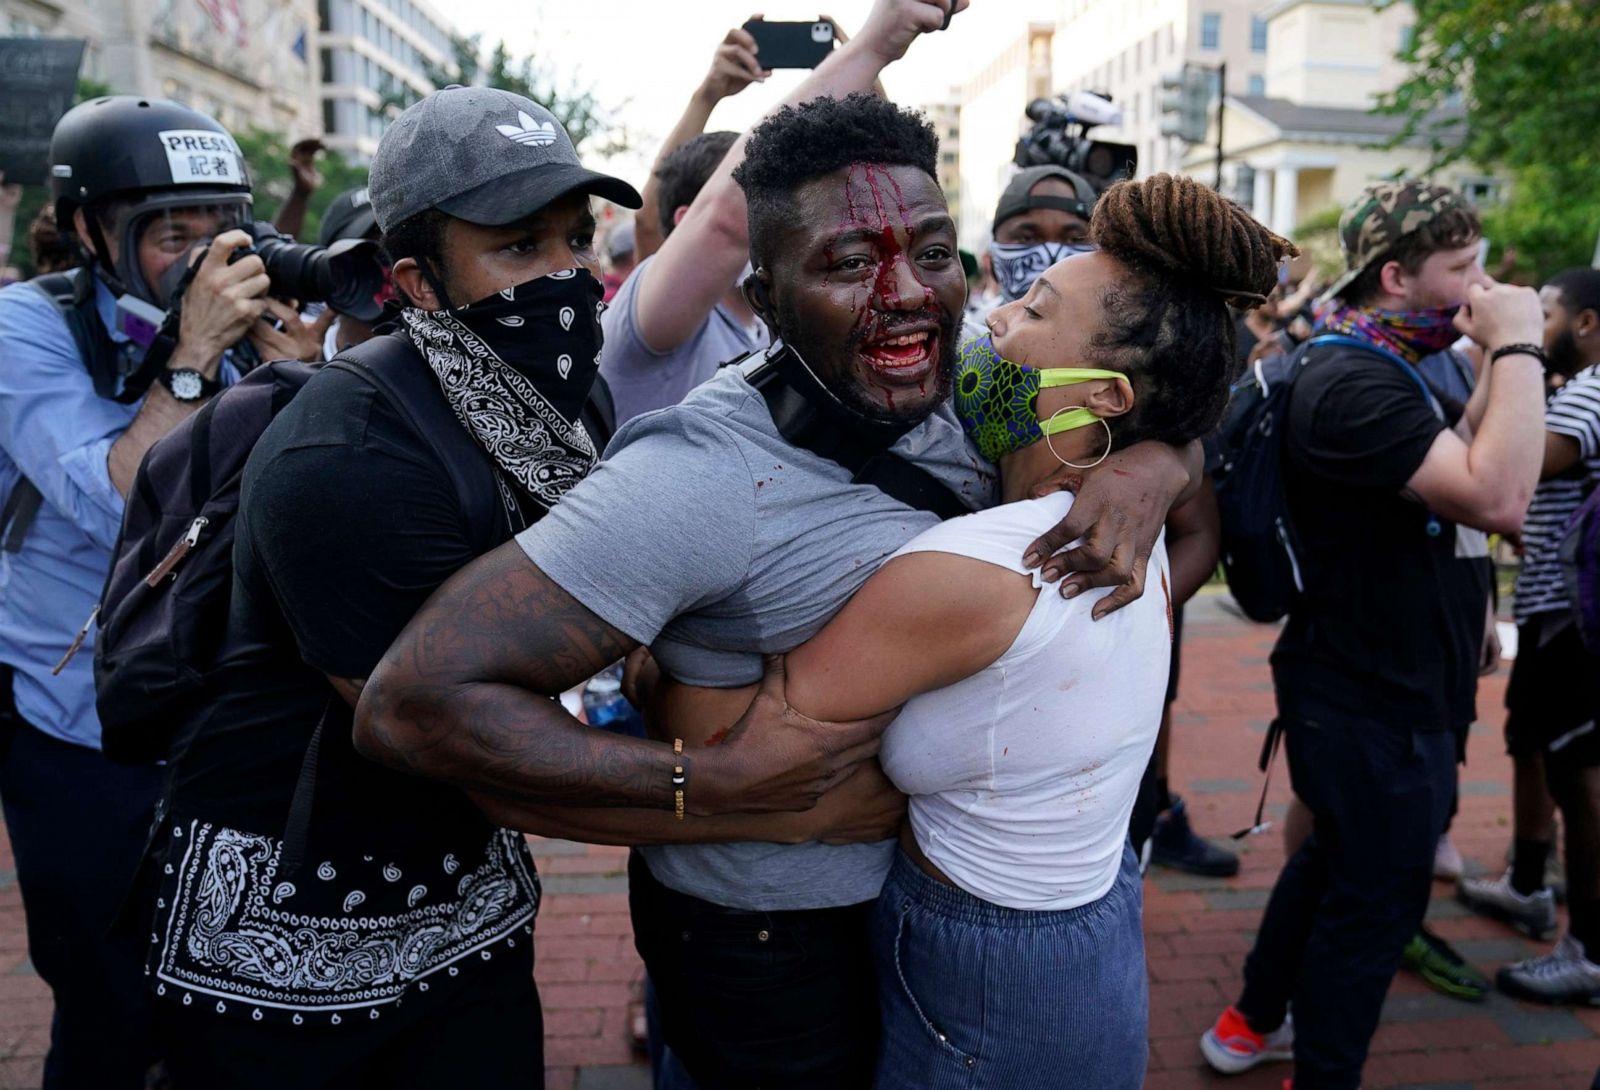 """Chùm ảnh: Toàn cảnh nước Mỹ """"đảo điên"""" sau ngày một người đàn ông bị cảnh sát ghì cổ đến chết - Ảnh 23."""